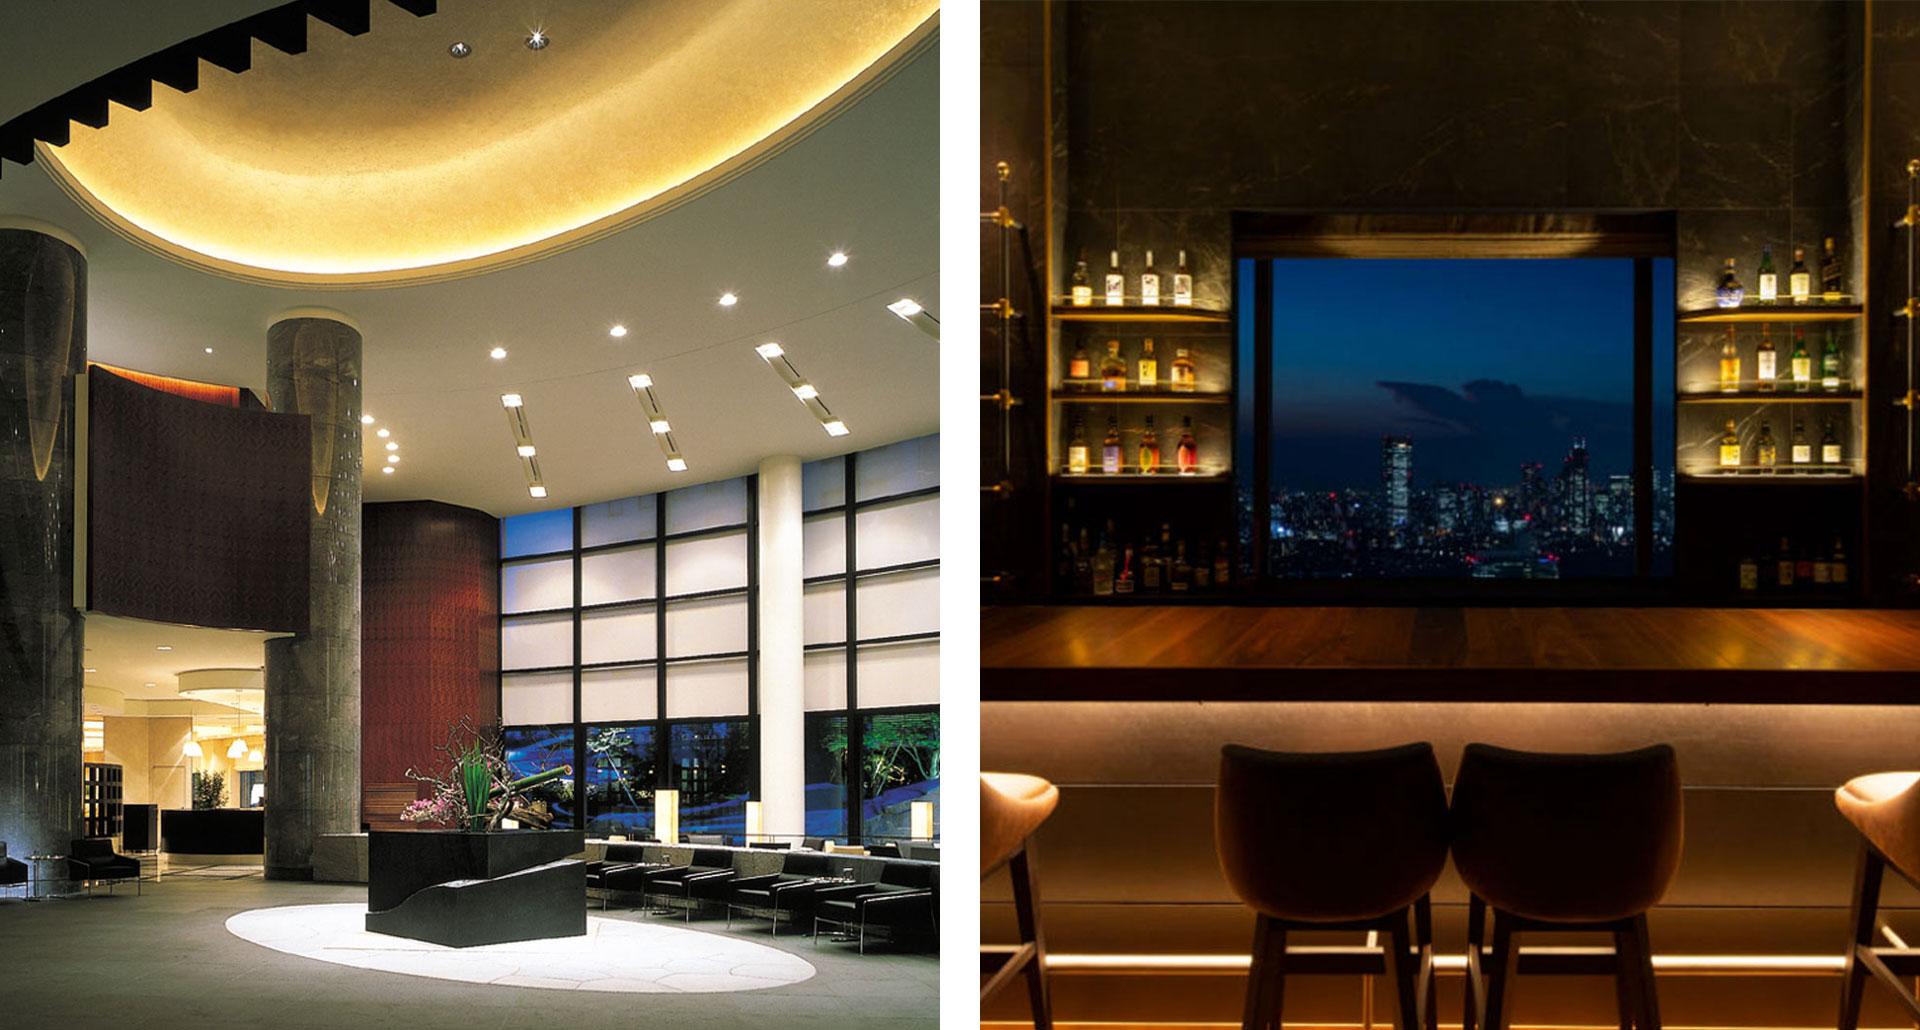 Cerulean Tower Tokyu - boutique hotel in Tokyo